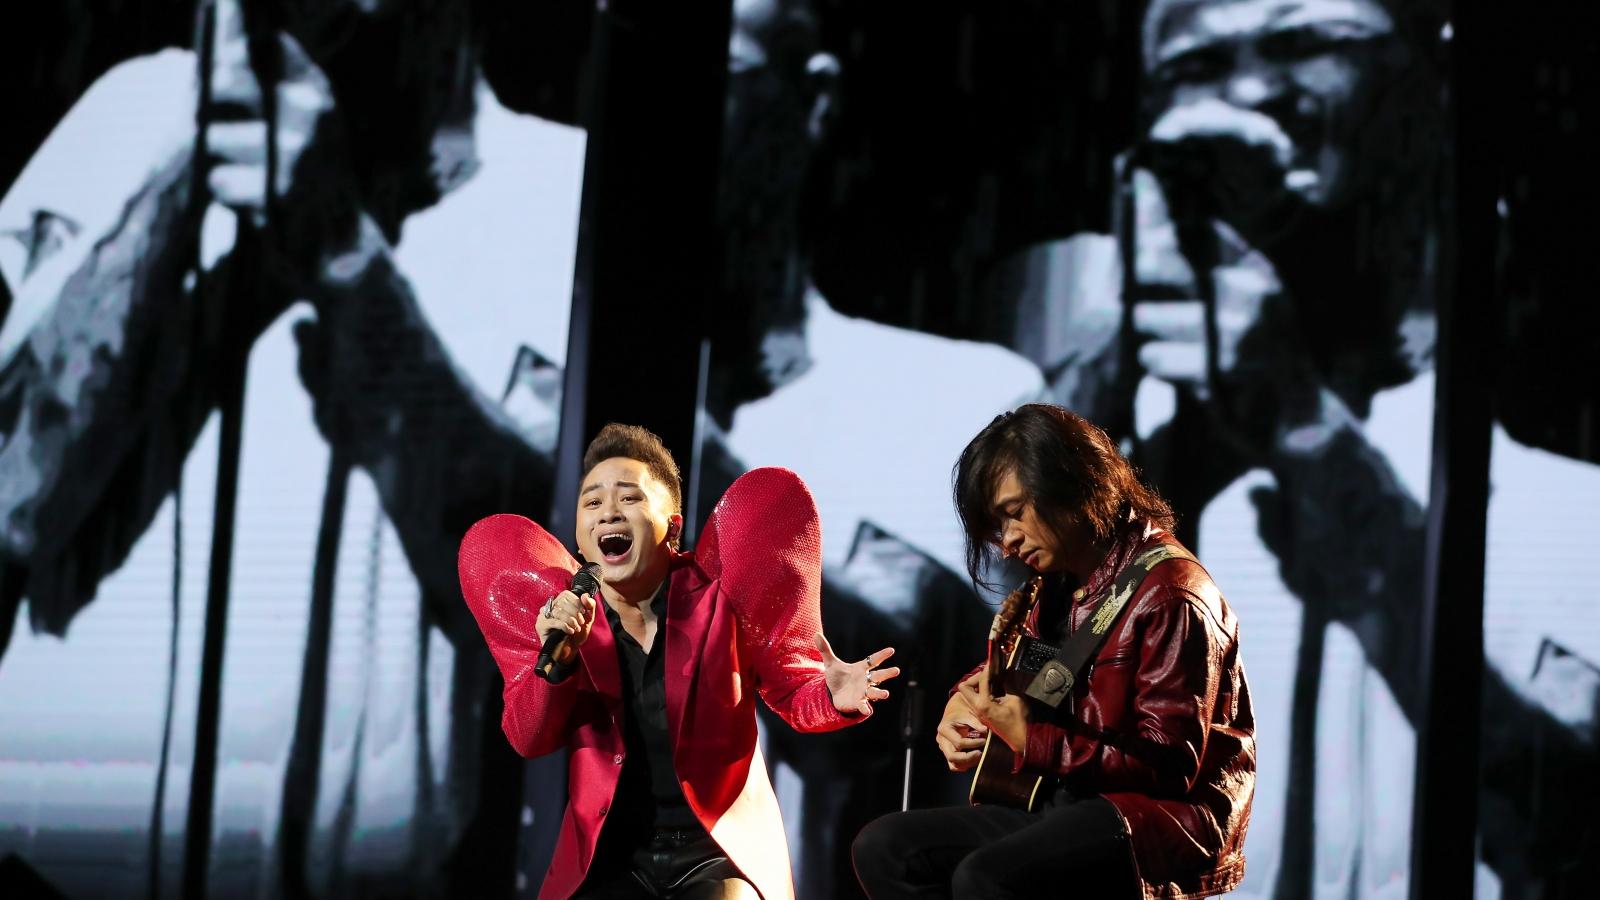 Xúc động khoảnh khắc Trần Lập xuất hiện trong liveshow của Tùng Dương